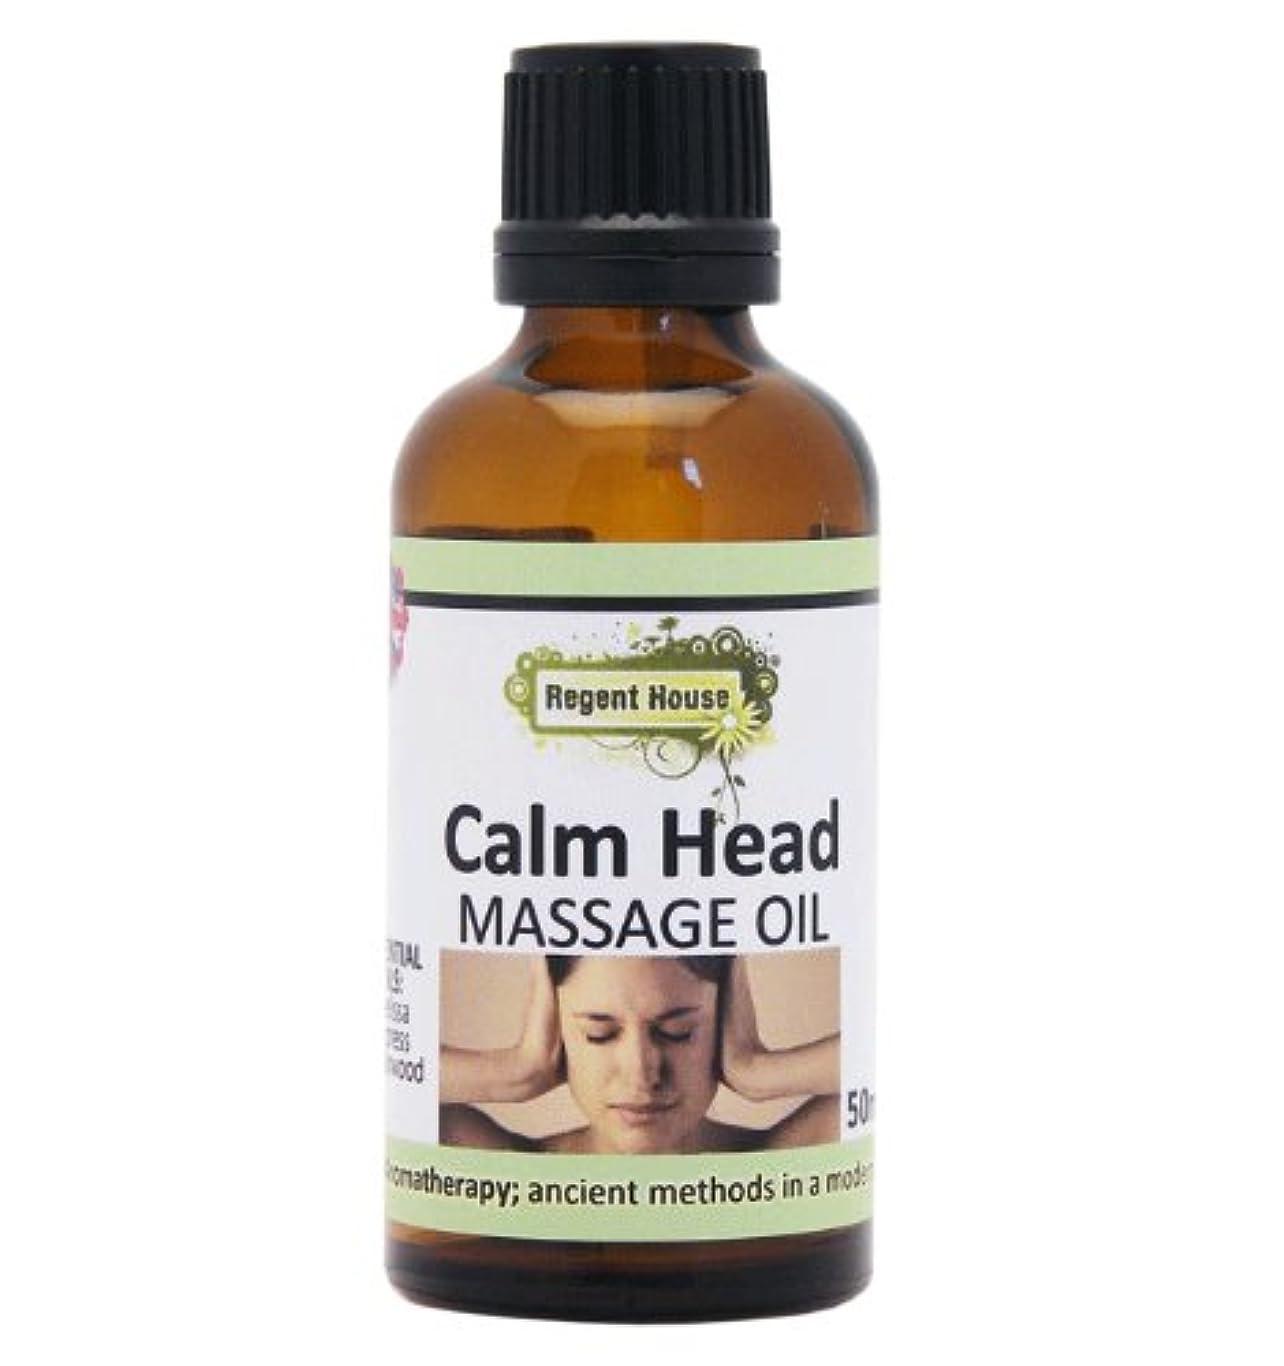 セブン読書をするスキーム天然の精油がたっぷり入って、この値段。 アロマ ナチュラル マッサージオイル 50ml カームヘッド(Aroma Massage Oil Calm Head)